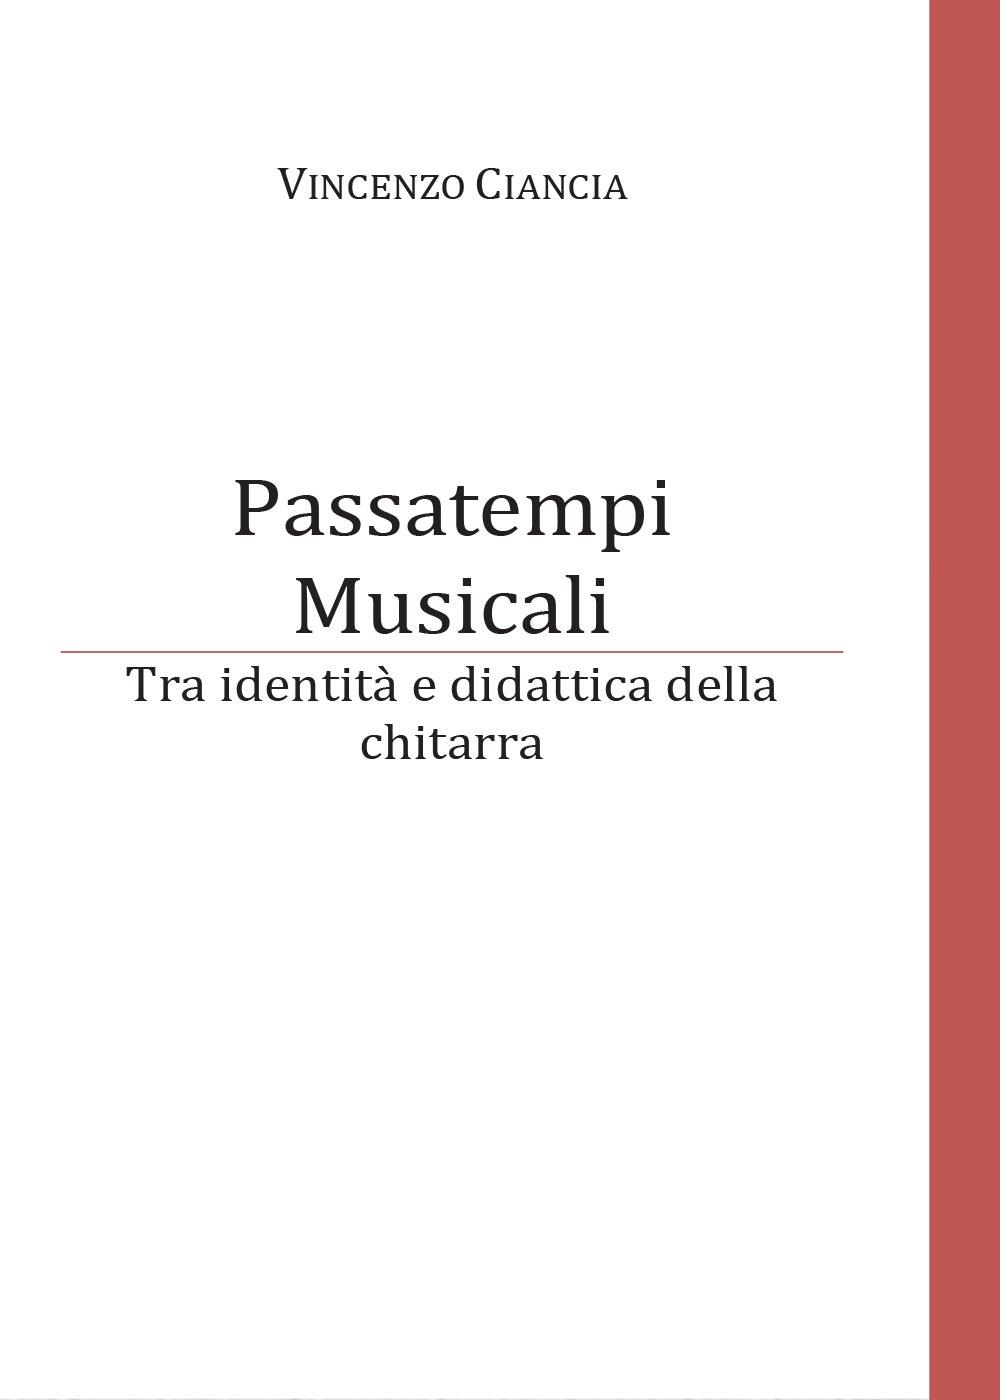 Passatempi musicali. Tra identità e didattica della chitarra